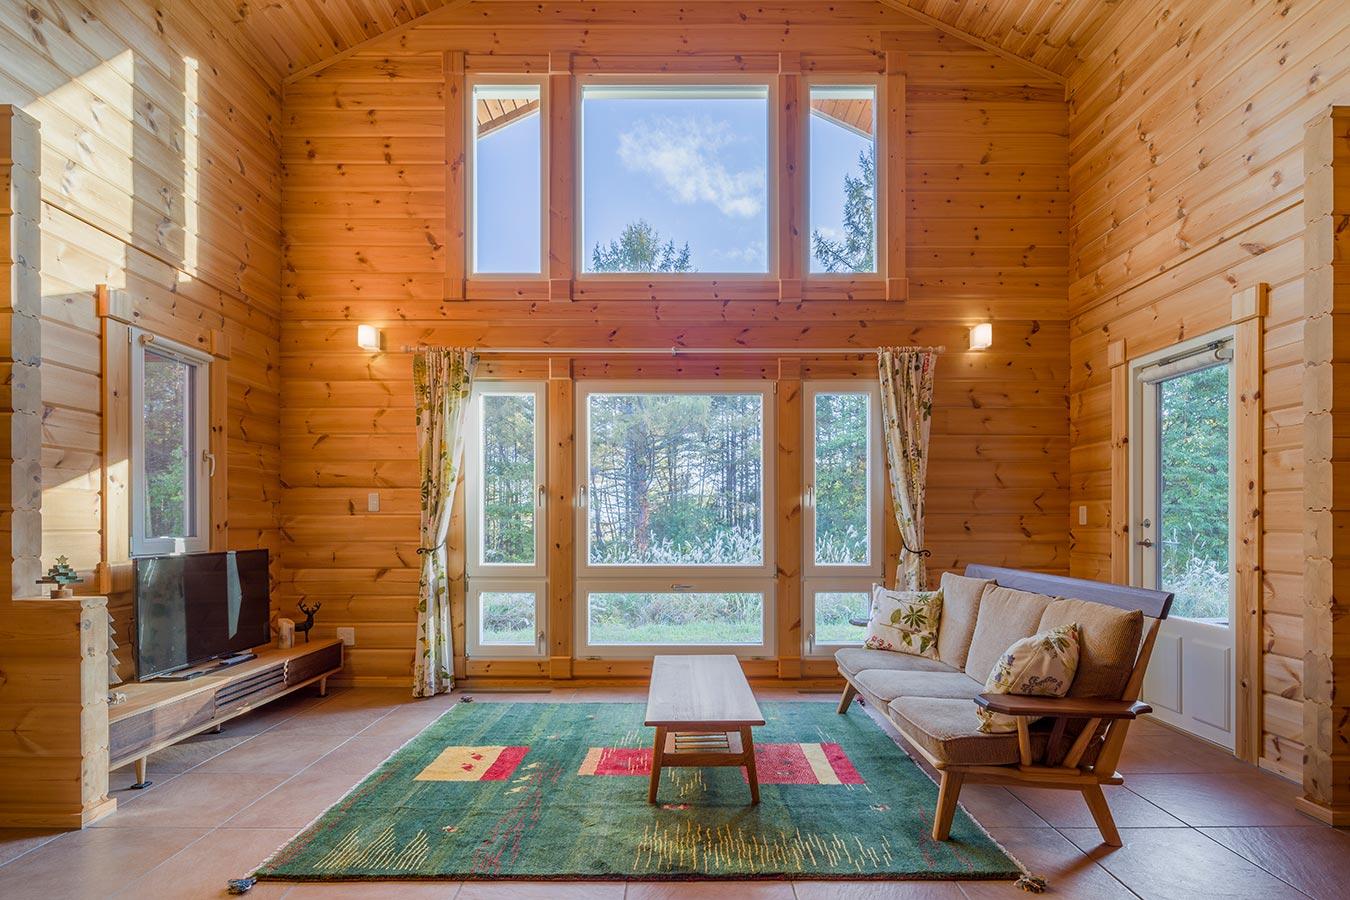 「プイスト」の特長といえるのがリビング正面の大きな窓。朝から夕方まで陽射しを届けます。